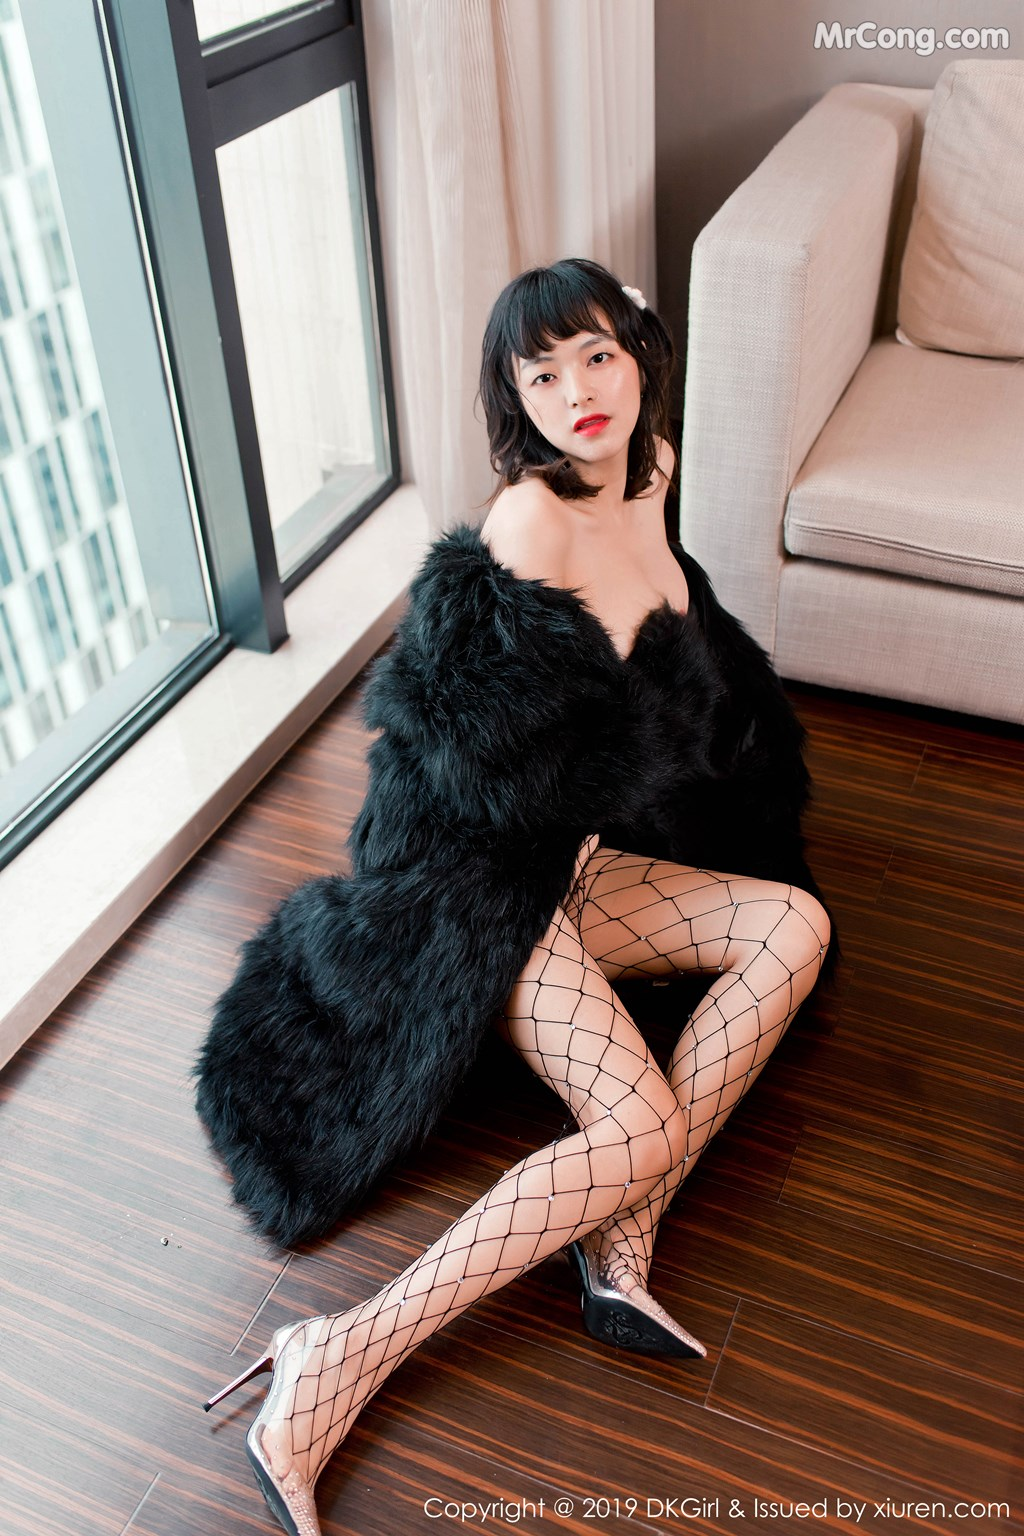 Image DKGirl-Vol.118-Zhang-Hua-Hua-MrCong.com-006 in post DKGirl Vol.118: Zhang Hua Hua (张花花) (51 ảnh)